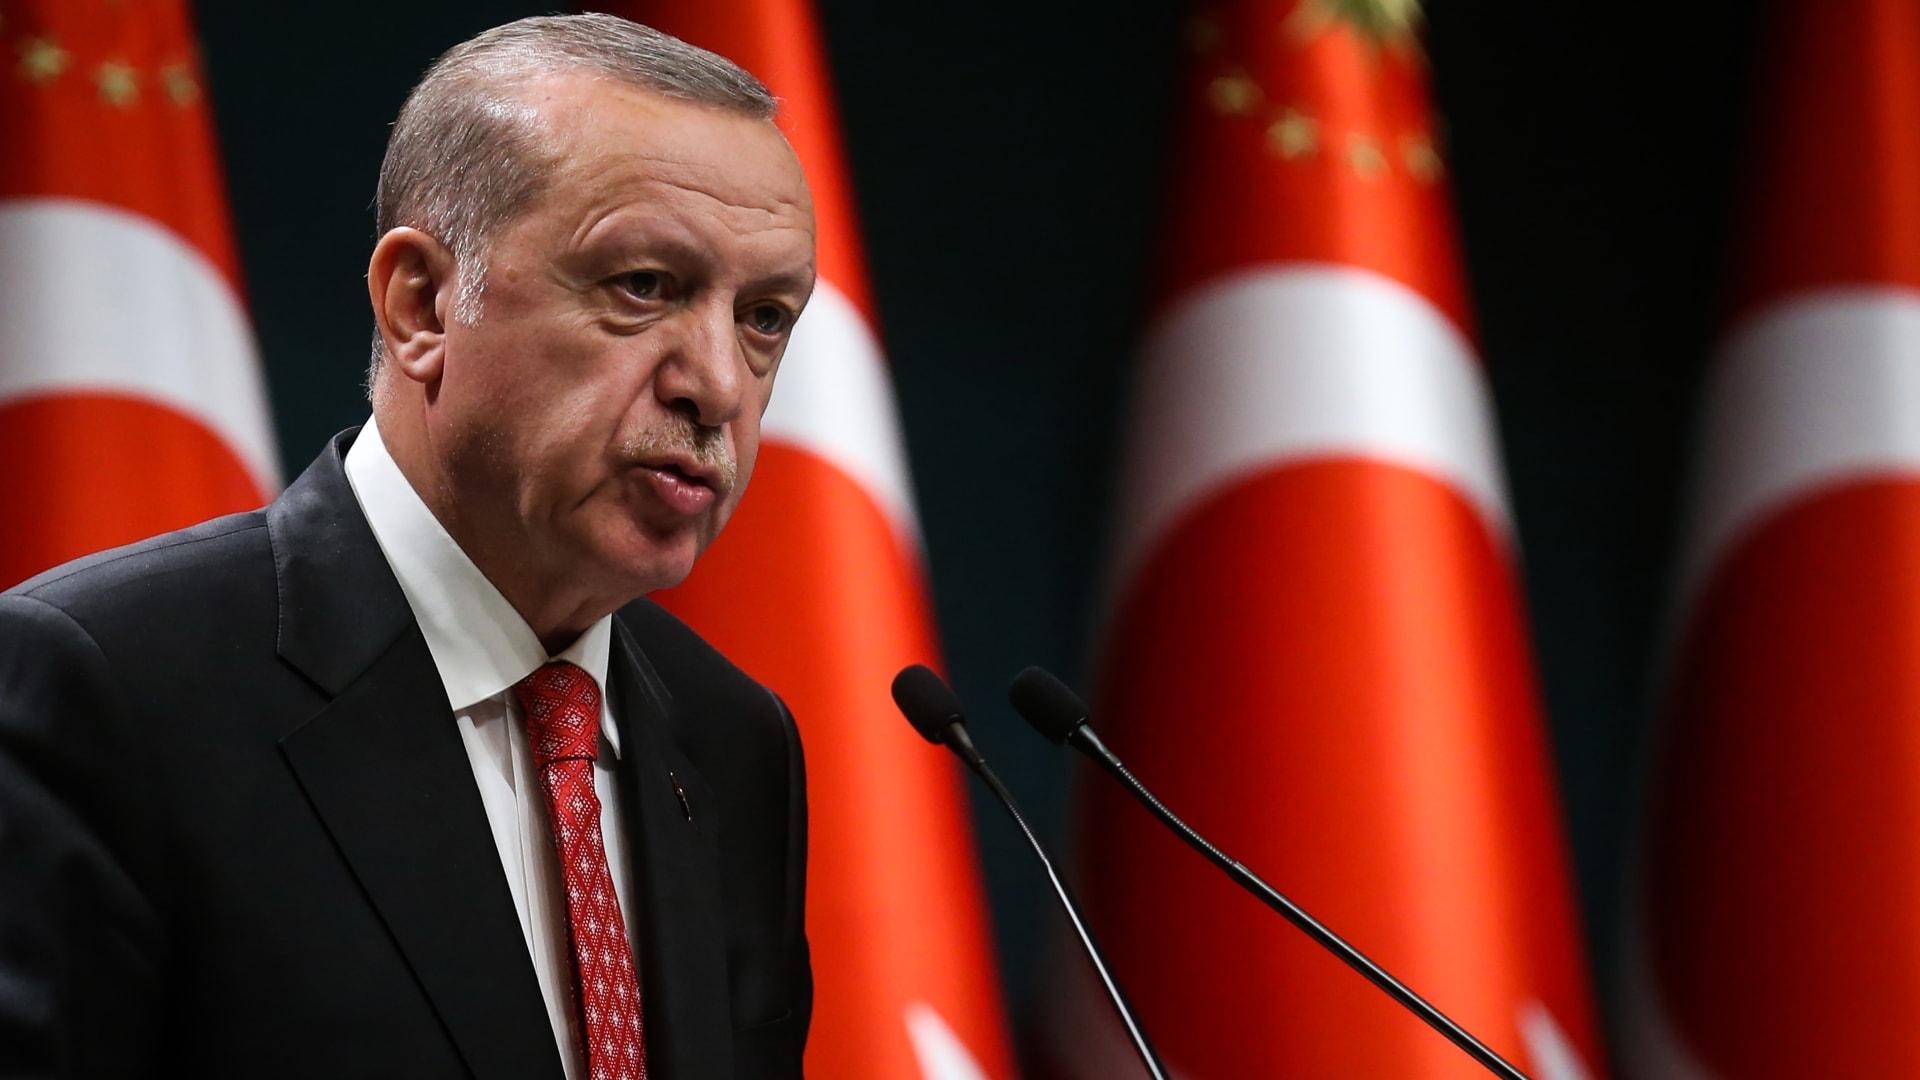 أحدها يتعلق بالنقد وإبداء الرأي.. أردوغان يعلن مبادئ حقوق الإنسان في تركيا